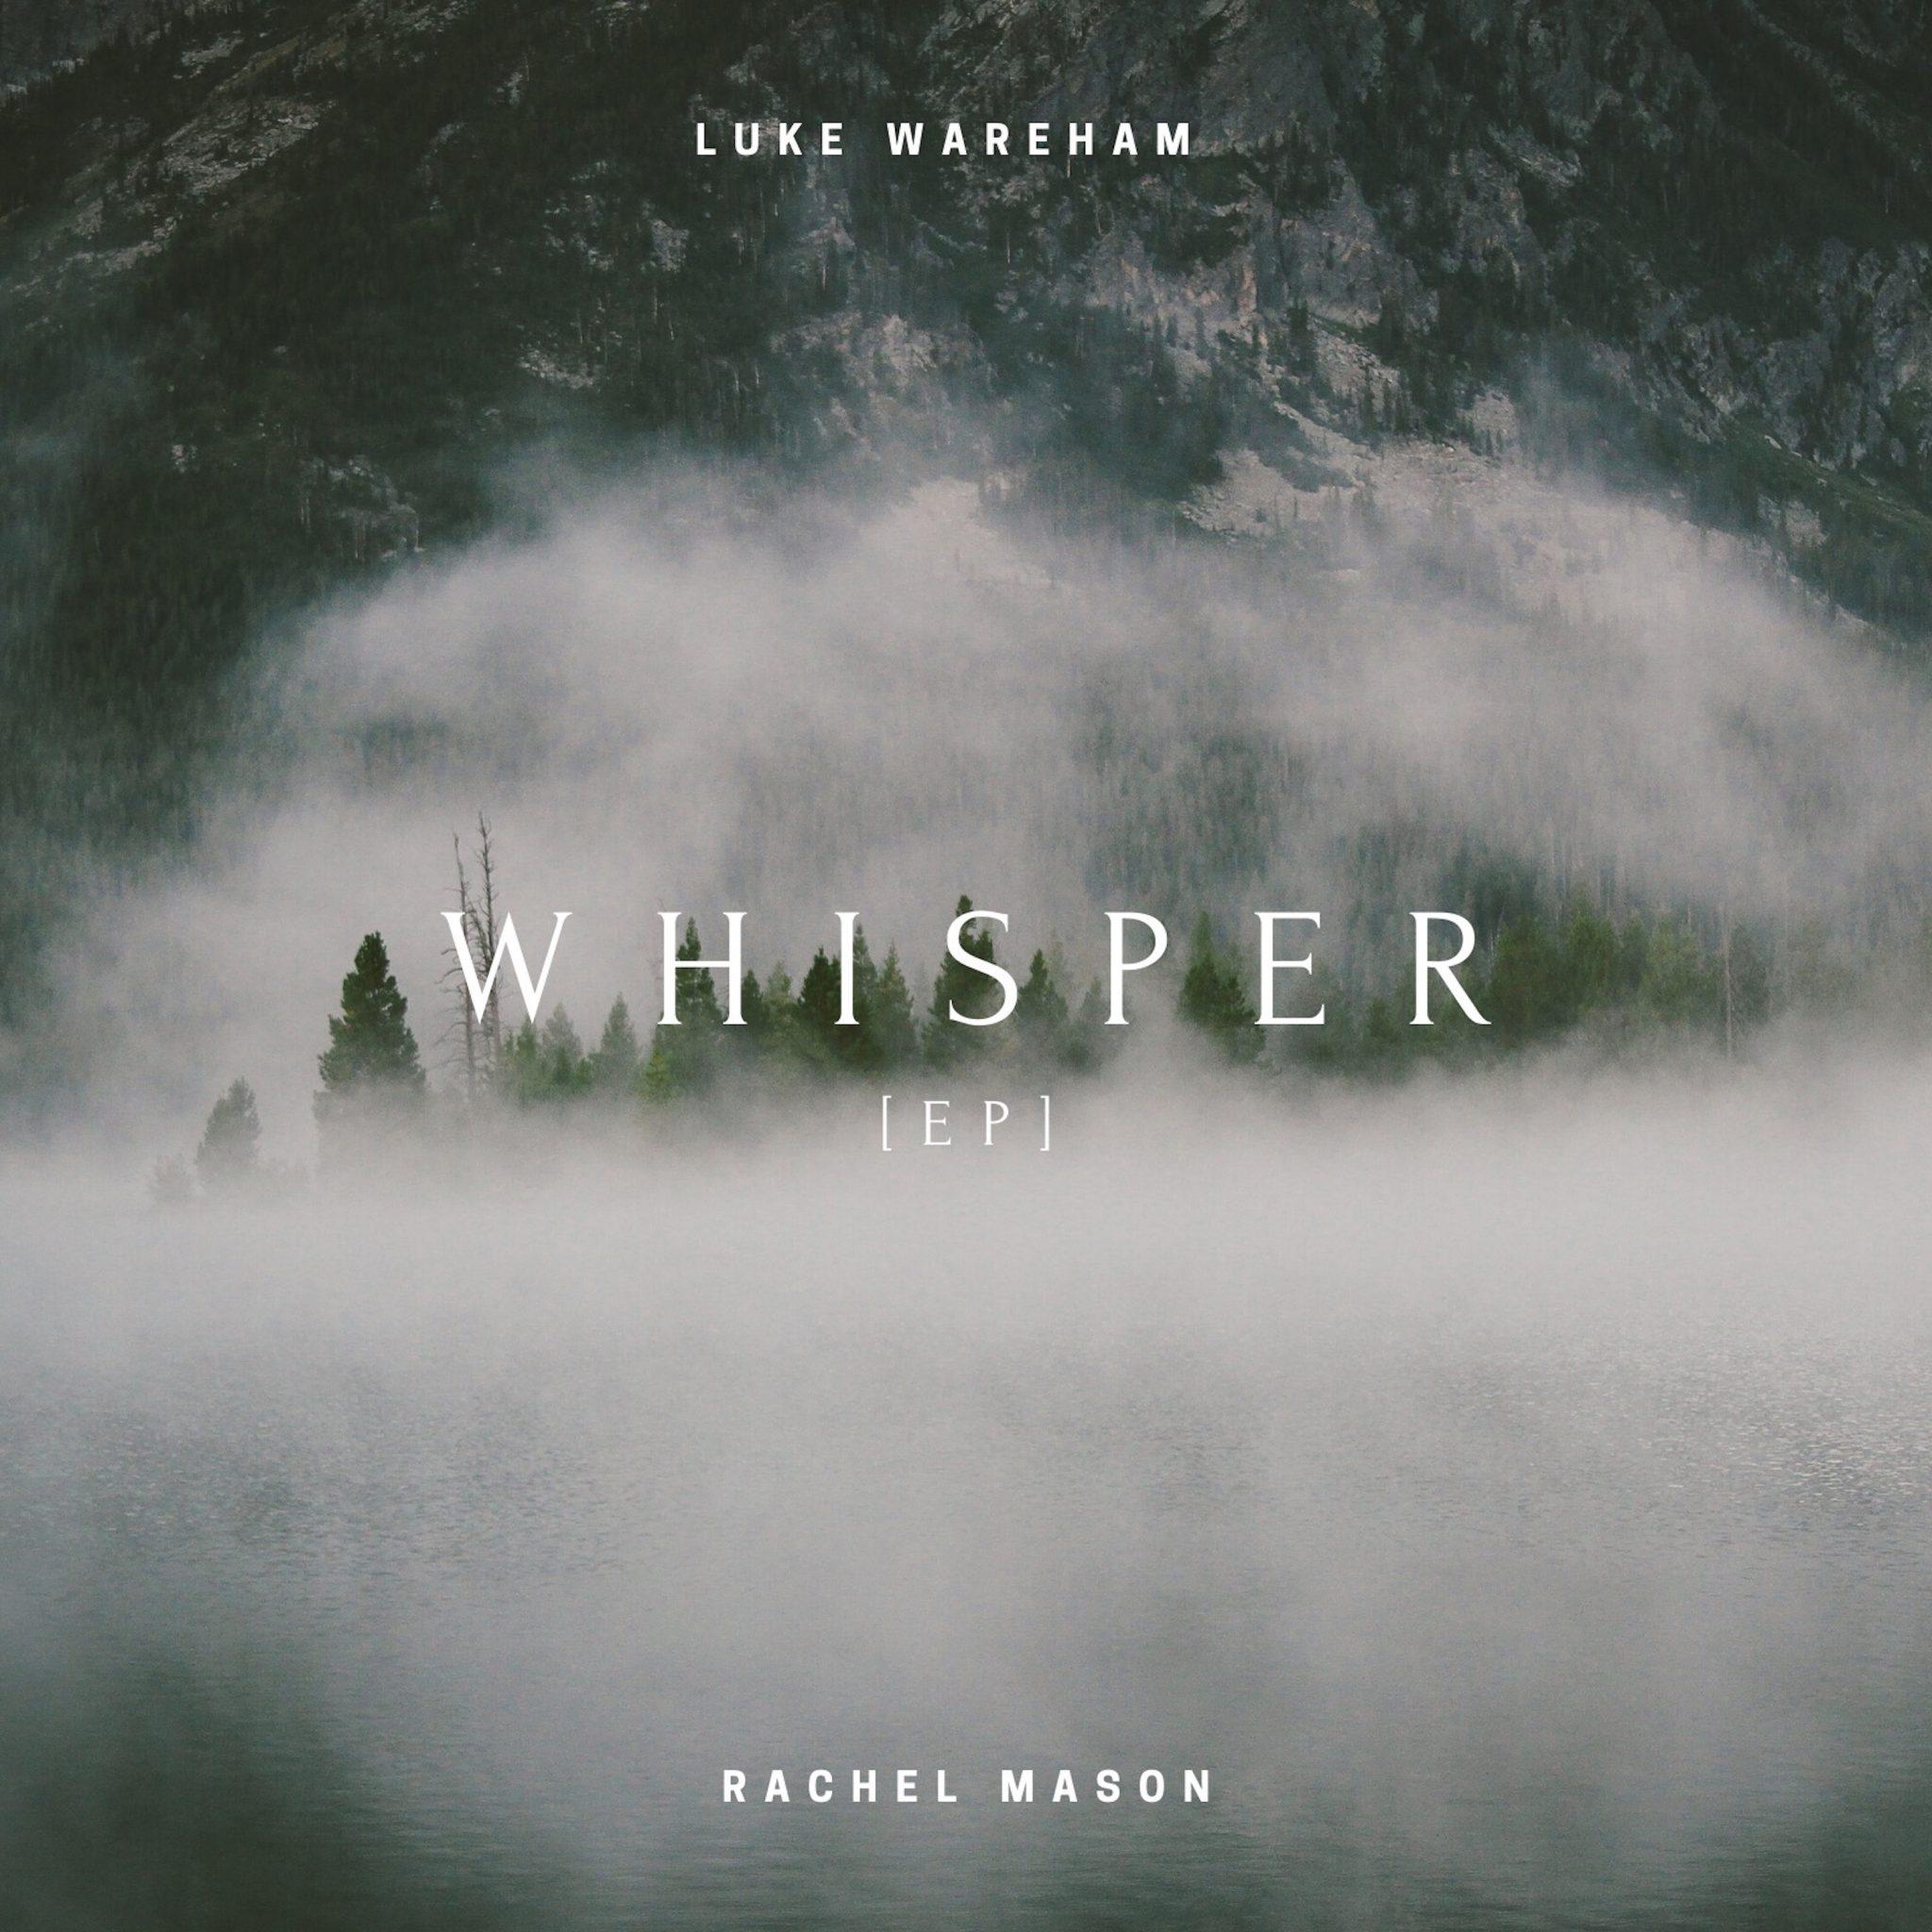 WHISPER - FINAL spotify